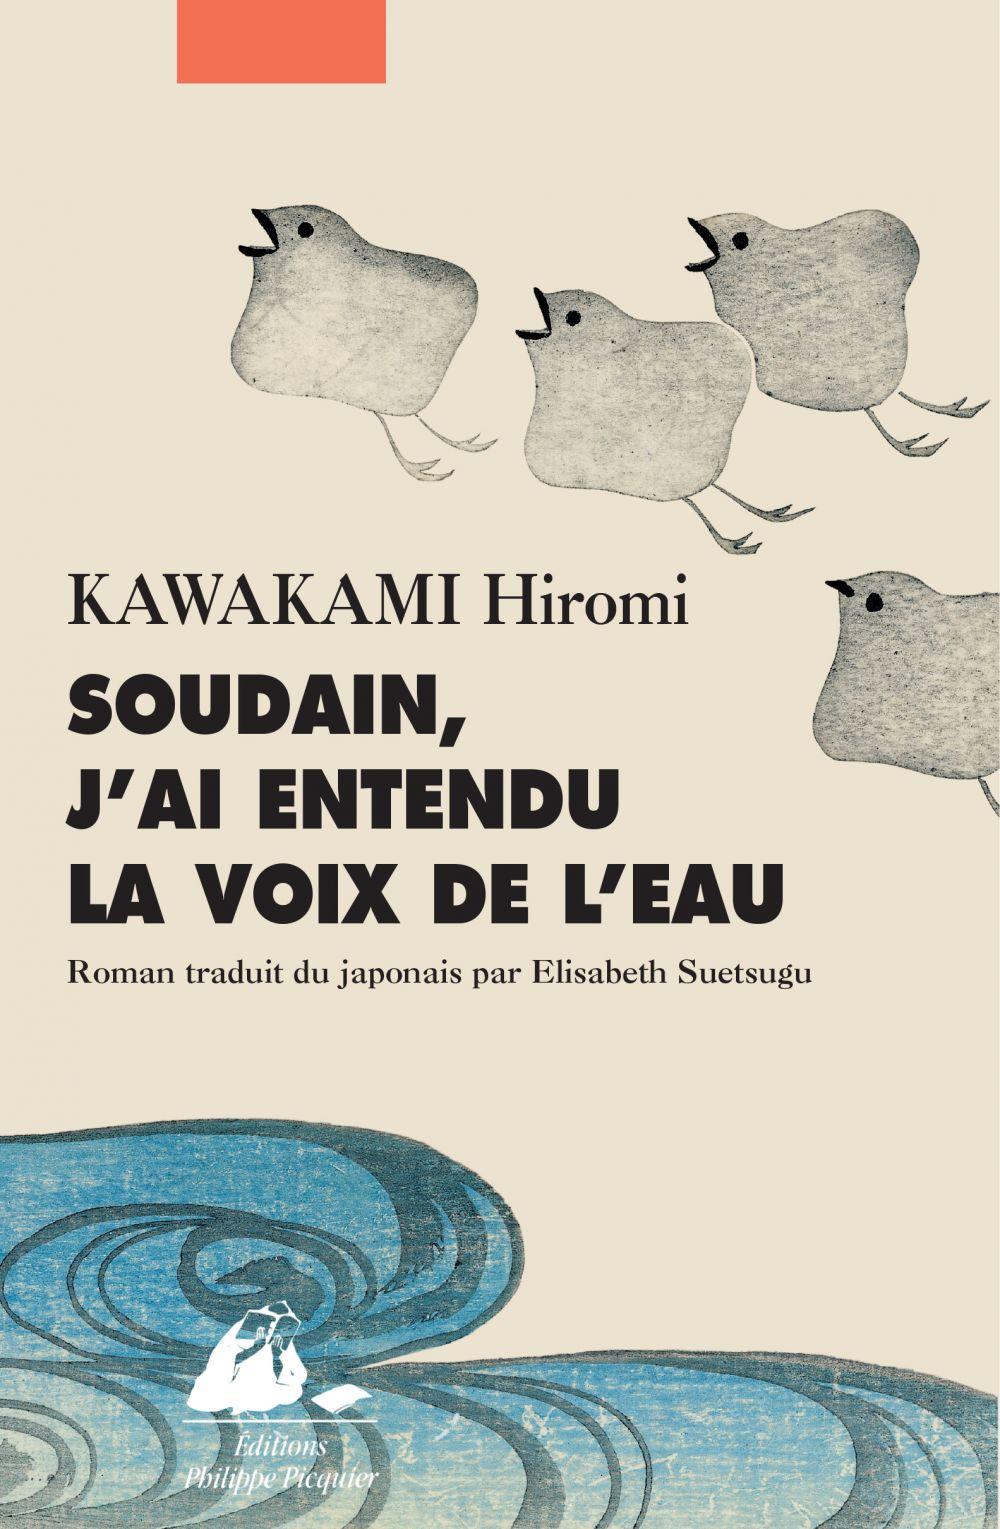 Soudain, j'ai entendu la voix de l'eau | Kawakami, Hiromi (1958-....). Auteur